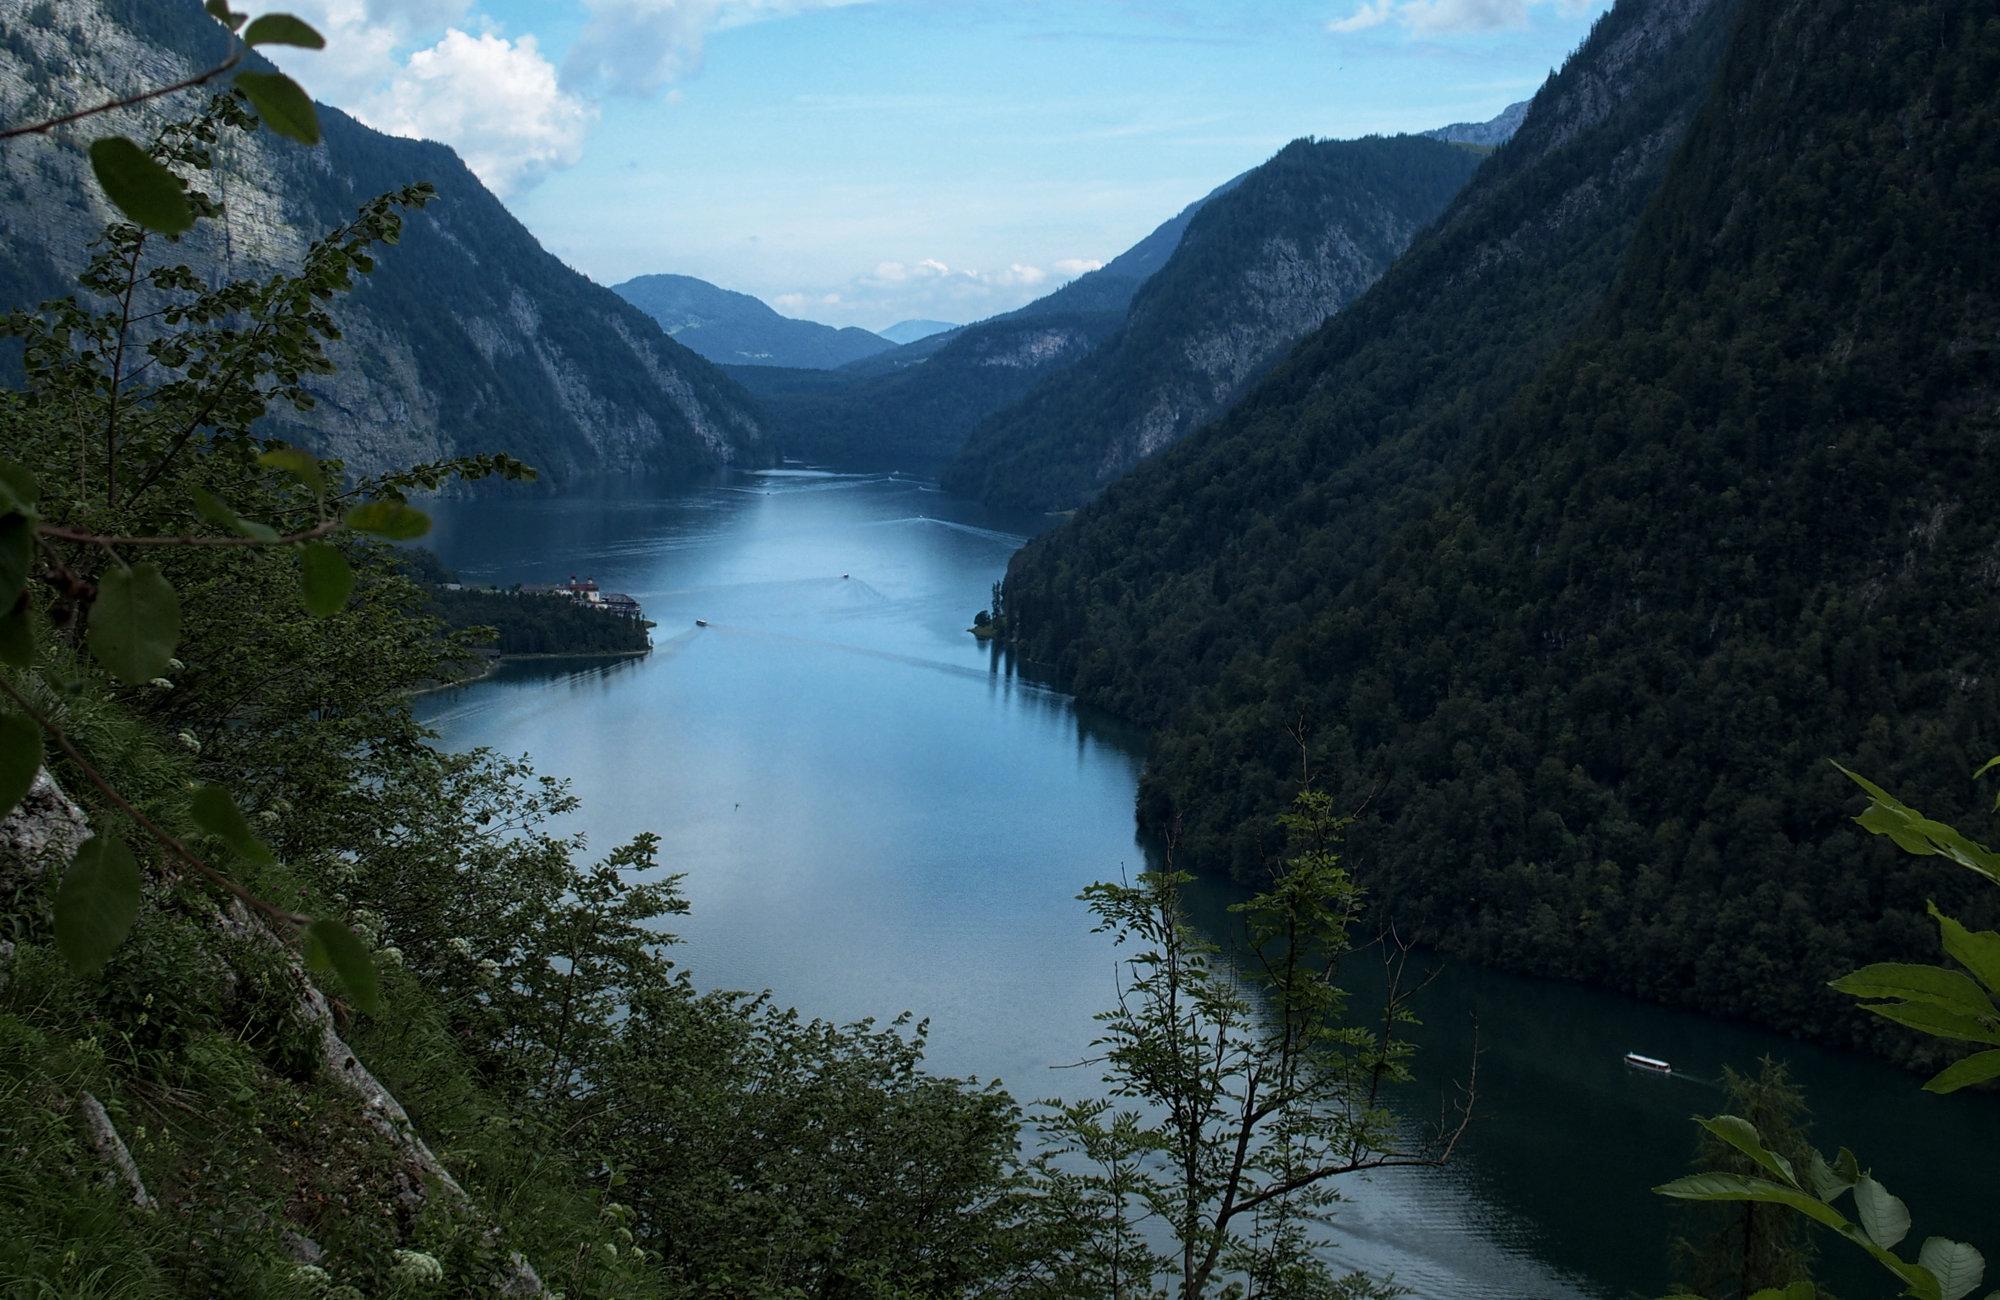 Wanderungen am Watzmann, Königssee, Berchtesgadener Alpen